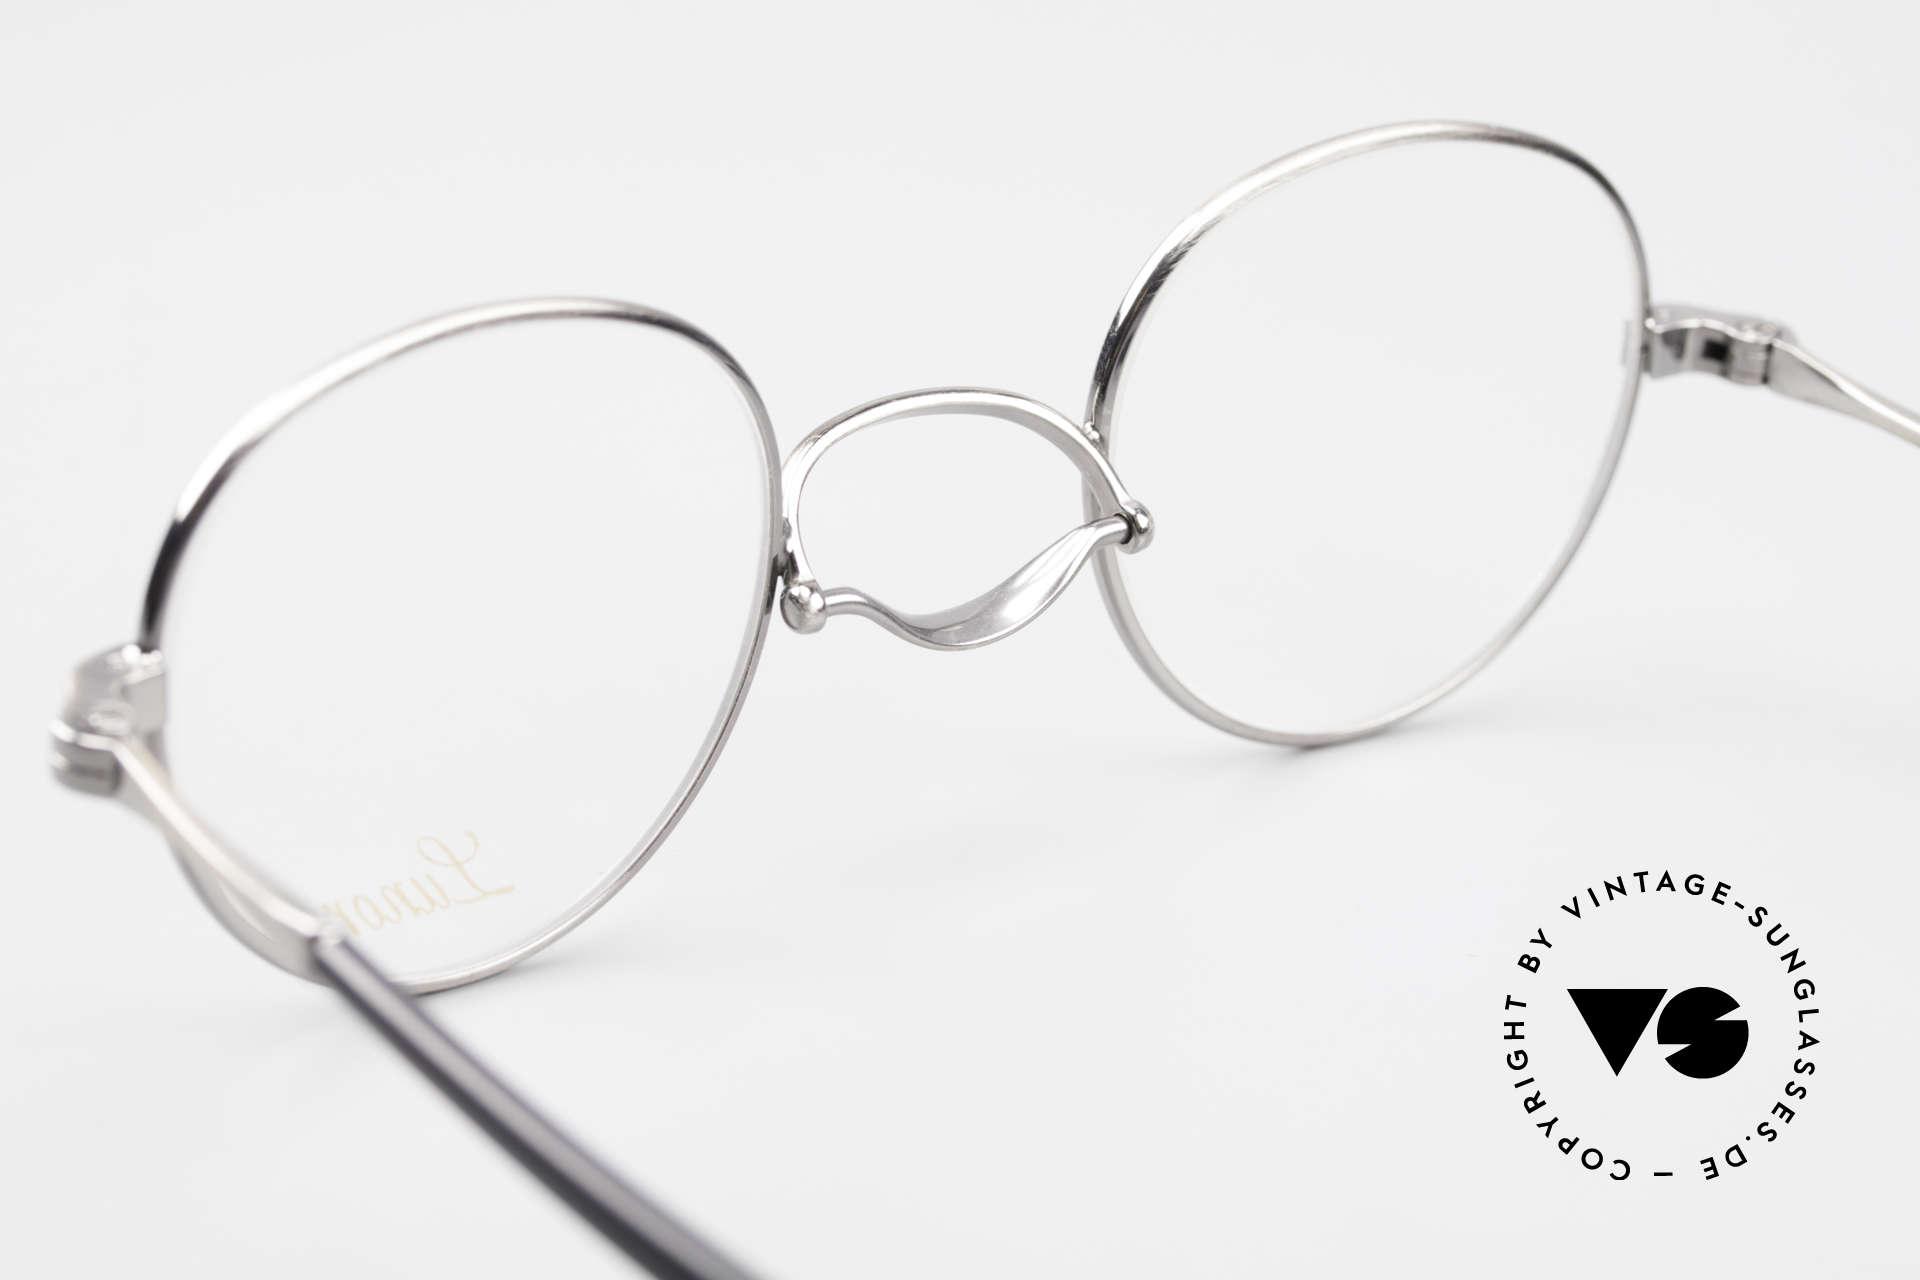 Lunor Swing A 32 Panto Rare Vintage Lunor Brille AS, die orig. Demogläser können beliebig ersetzt werden, Passend für Herren und Damen